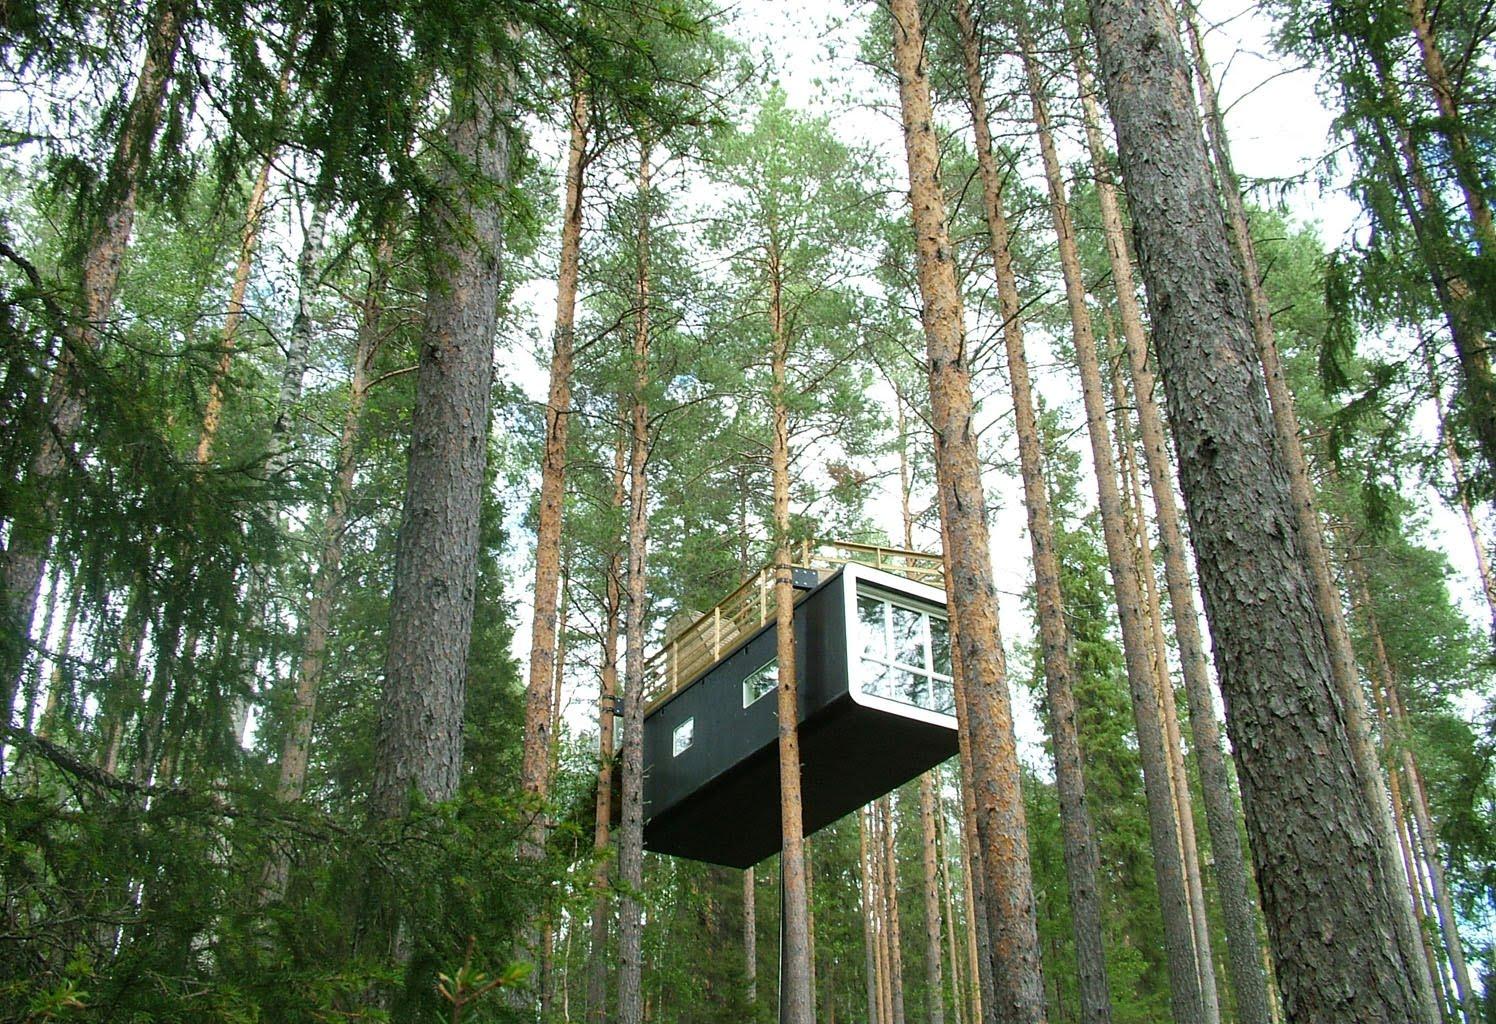 Descubre tu mundo treehotel suecia el curioso hotel con for Hotel con casas colgadas de los arboles